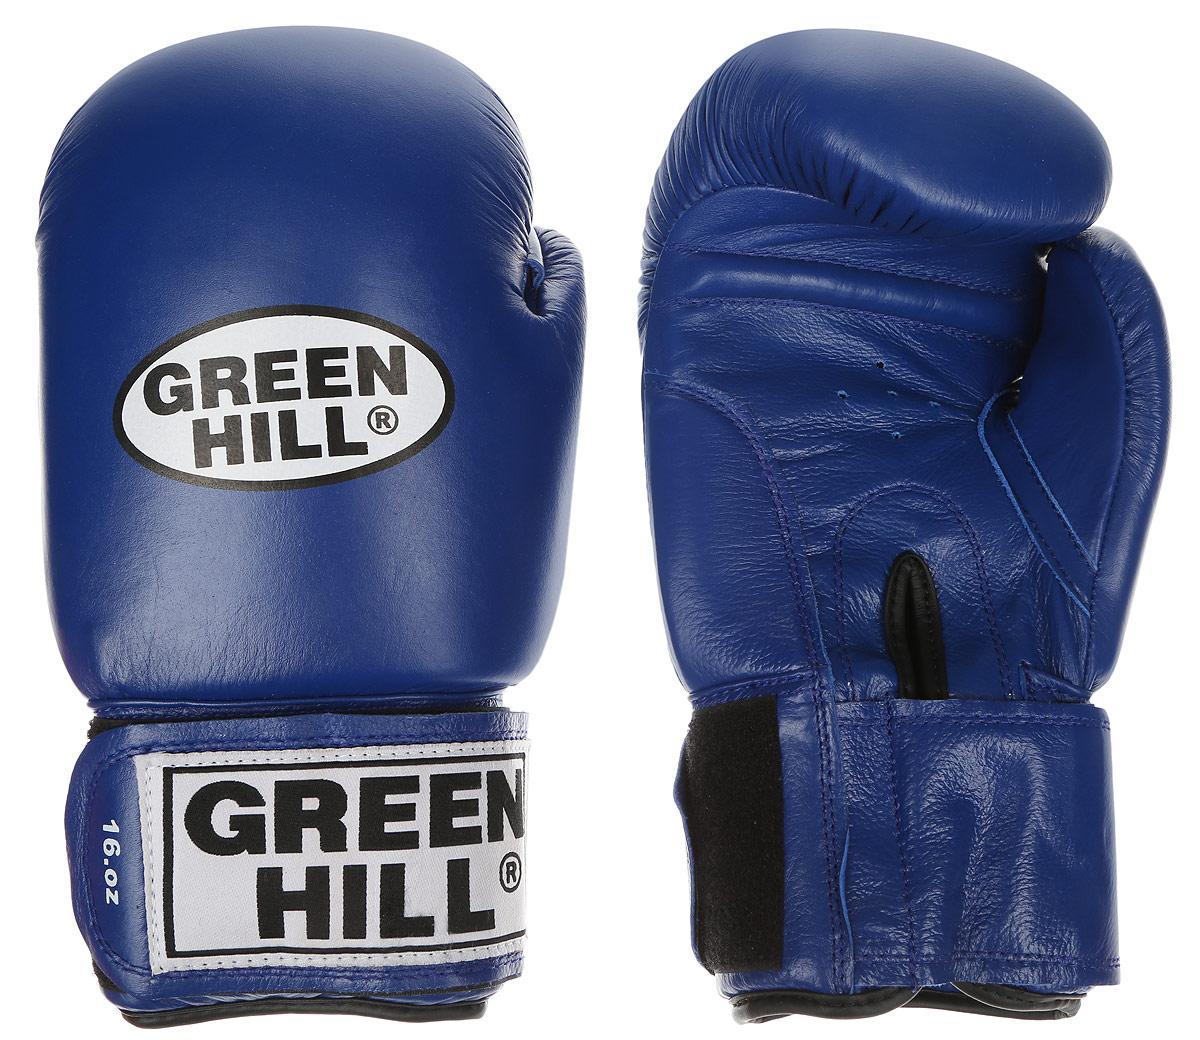 Перчатки боксерские Green Hill Tiger, цвет: синий, белый. Вес 16 унций. BGT-2010сBGT-2010сБоевые боксерские перчатки Green Hill Tiger применяются как для соревнований, так и для тренировок. Верх выполнен из натуральной кожи, вкладыш - предварительно сформированный пенополиуретан. Манжет на липучке способствует быстрому и удобному надеванию перчаток, плотно фиксирует перчатки на руке. Отверстия в области ладони позволяют создать максимально комфортный терморежим во время занятий.В перчатках применяется технология антинокаут.